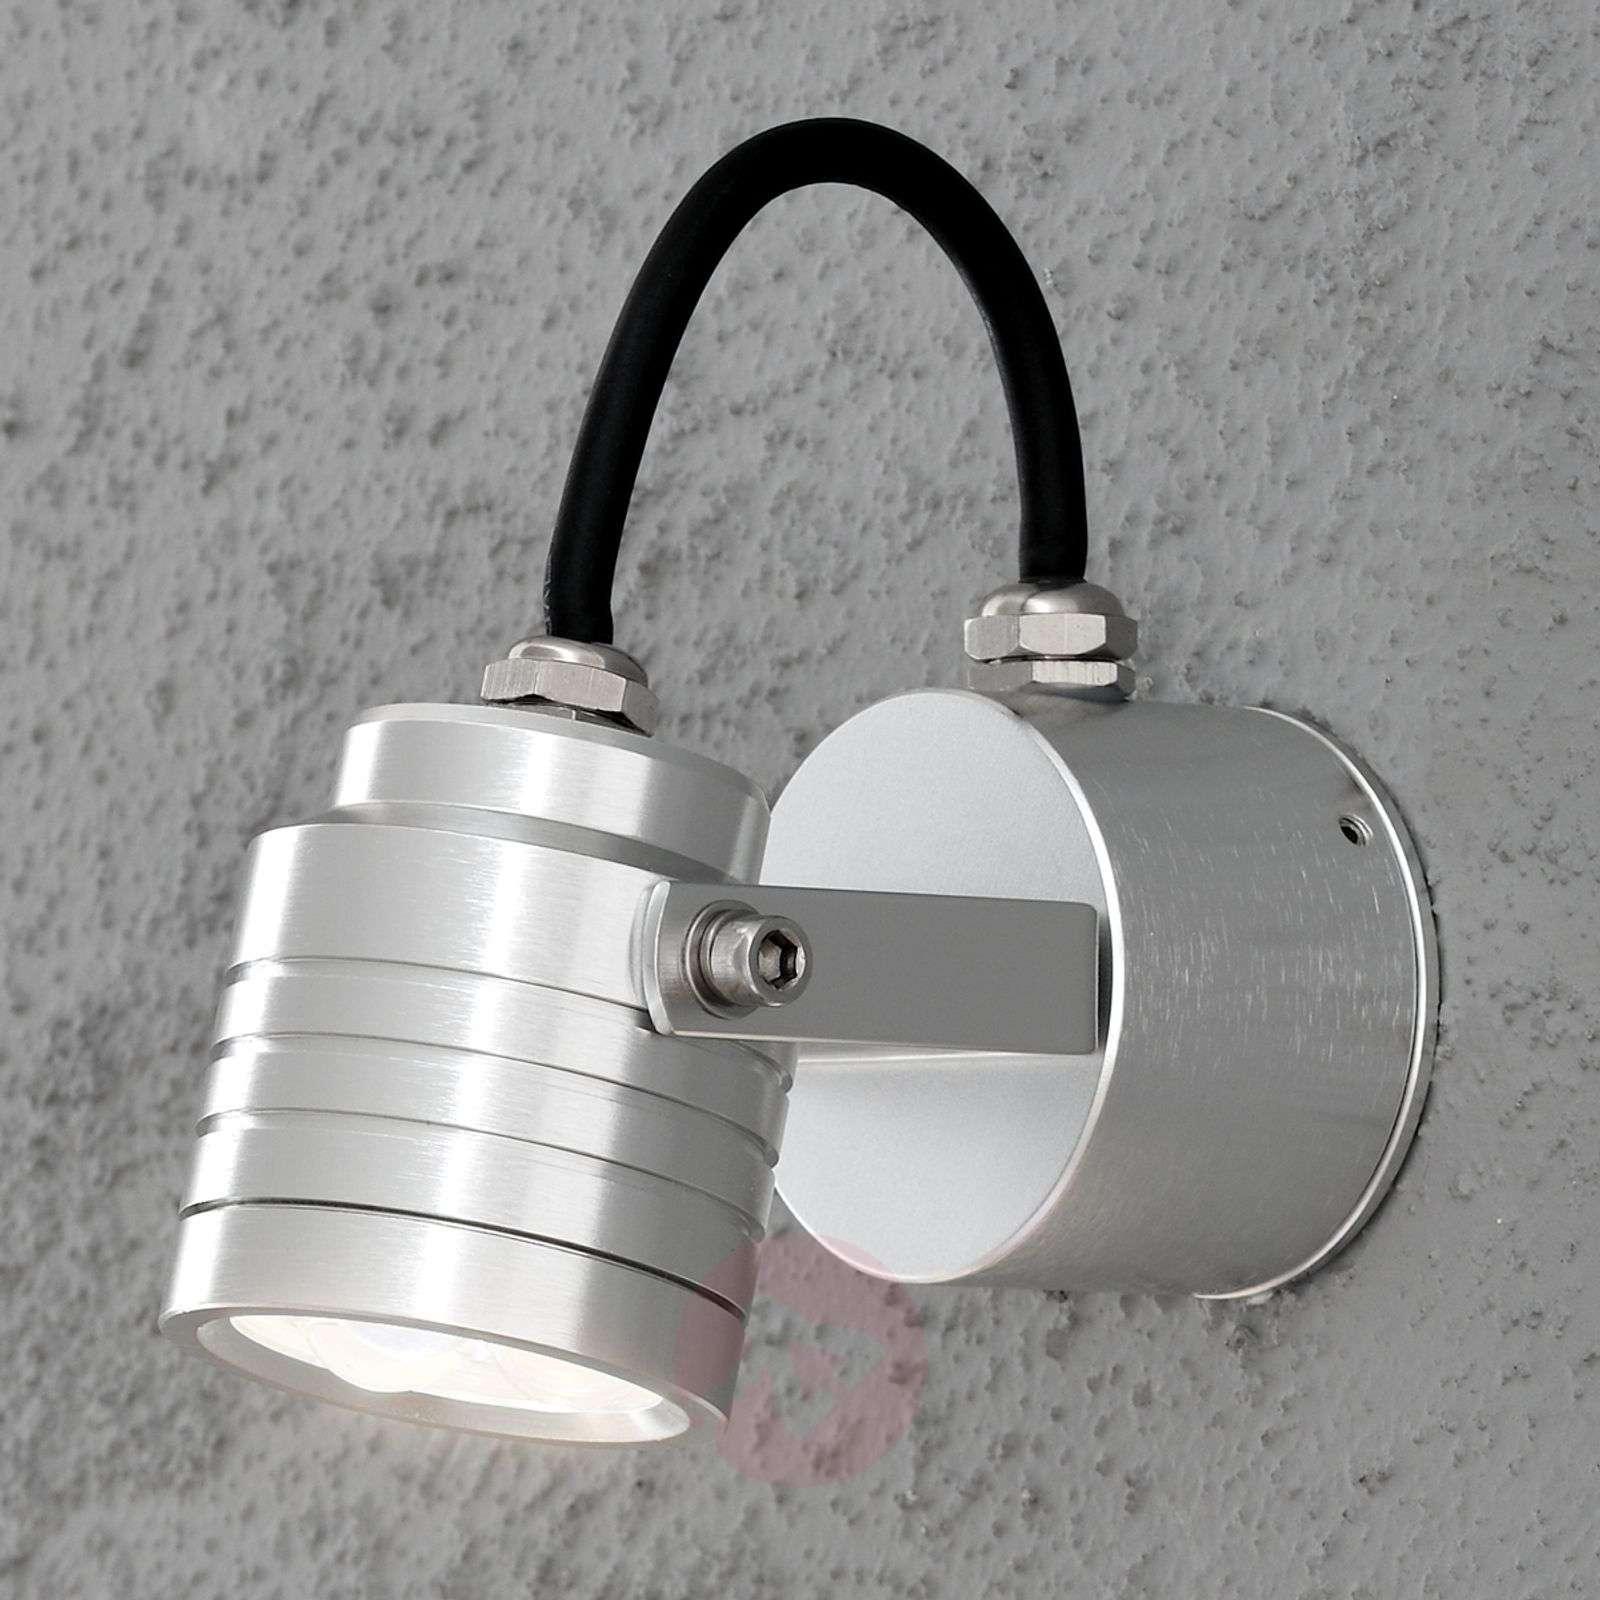 Hienostunut LED-ulkoseinävalaisin Monza 7903-5522335-01